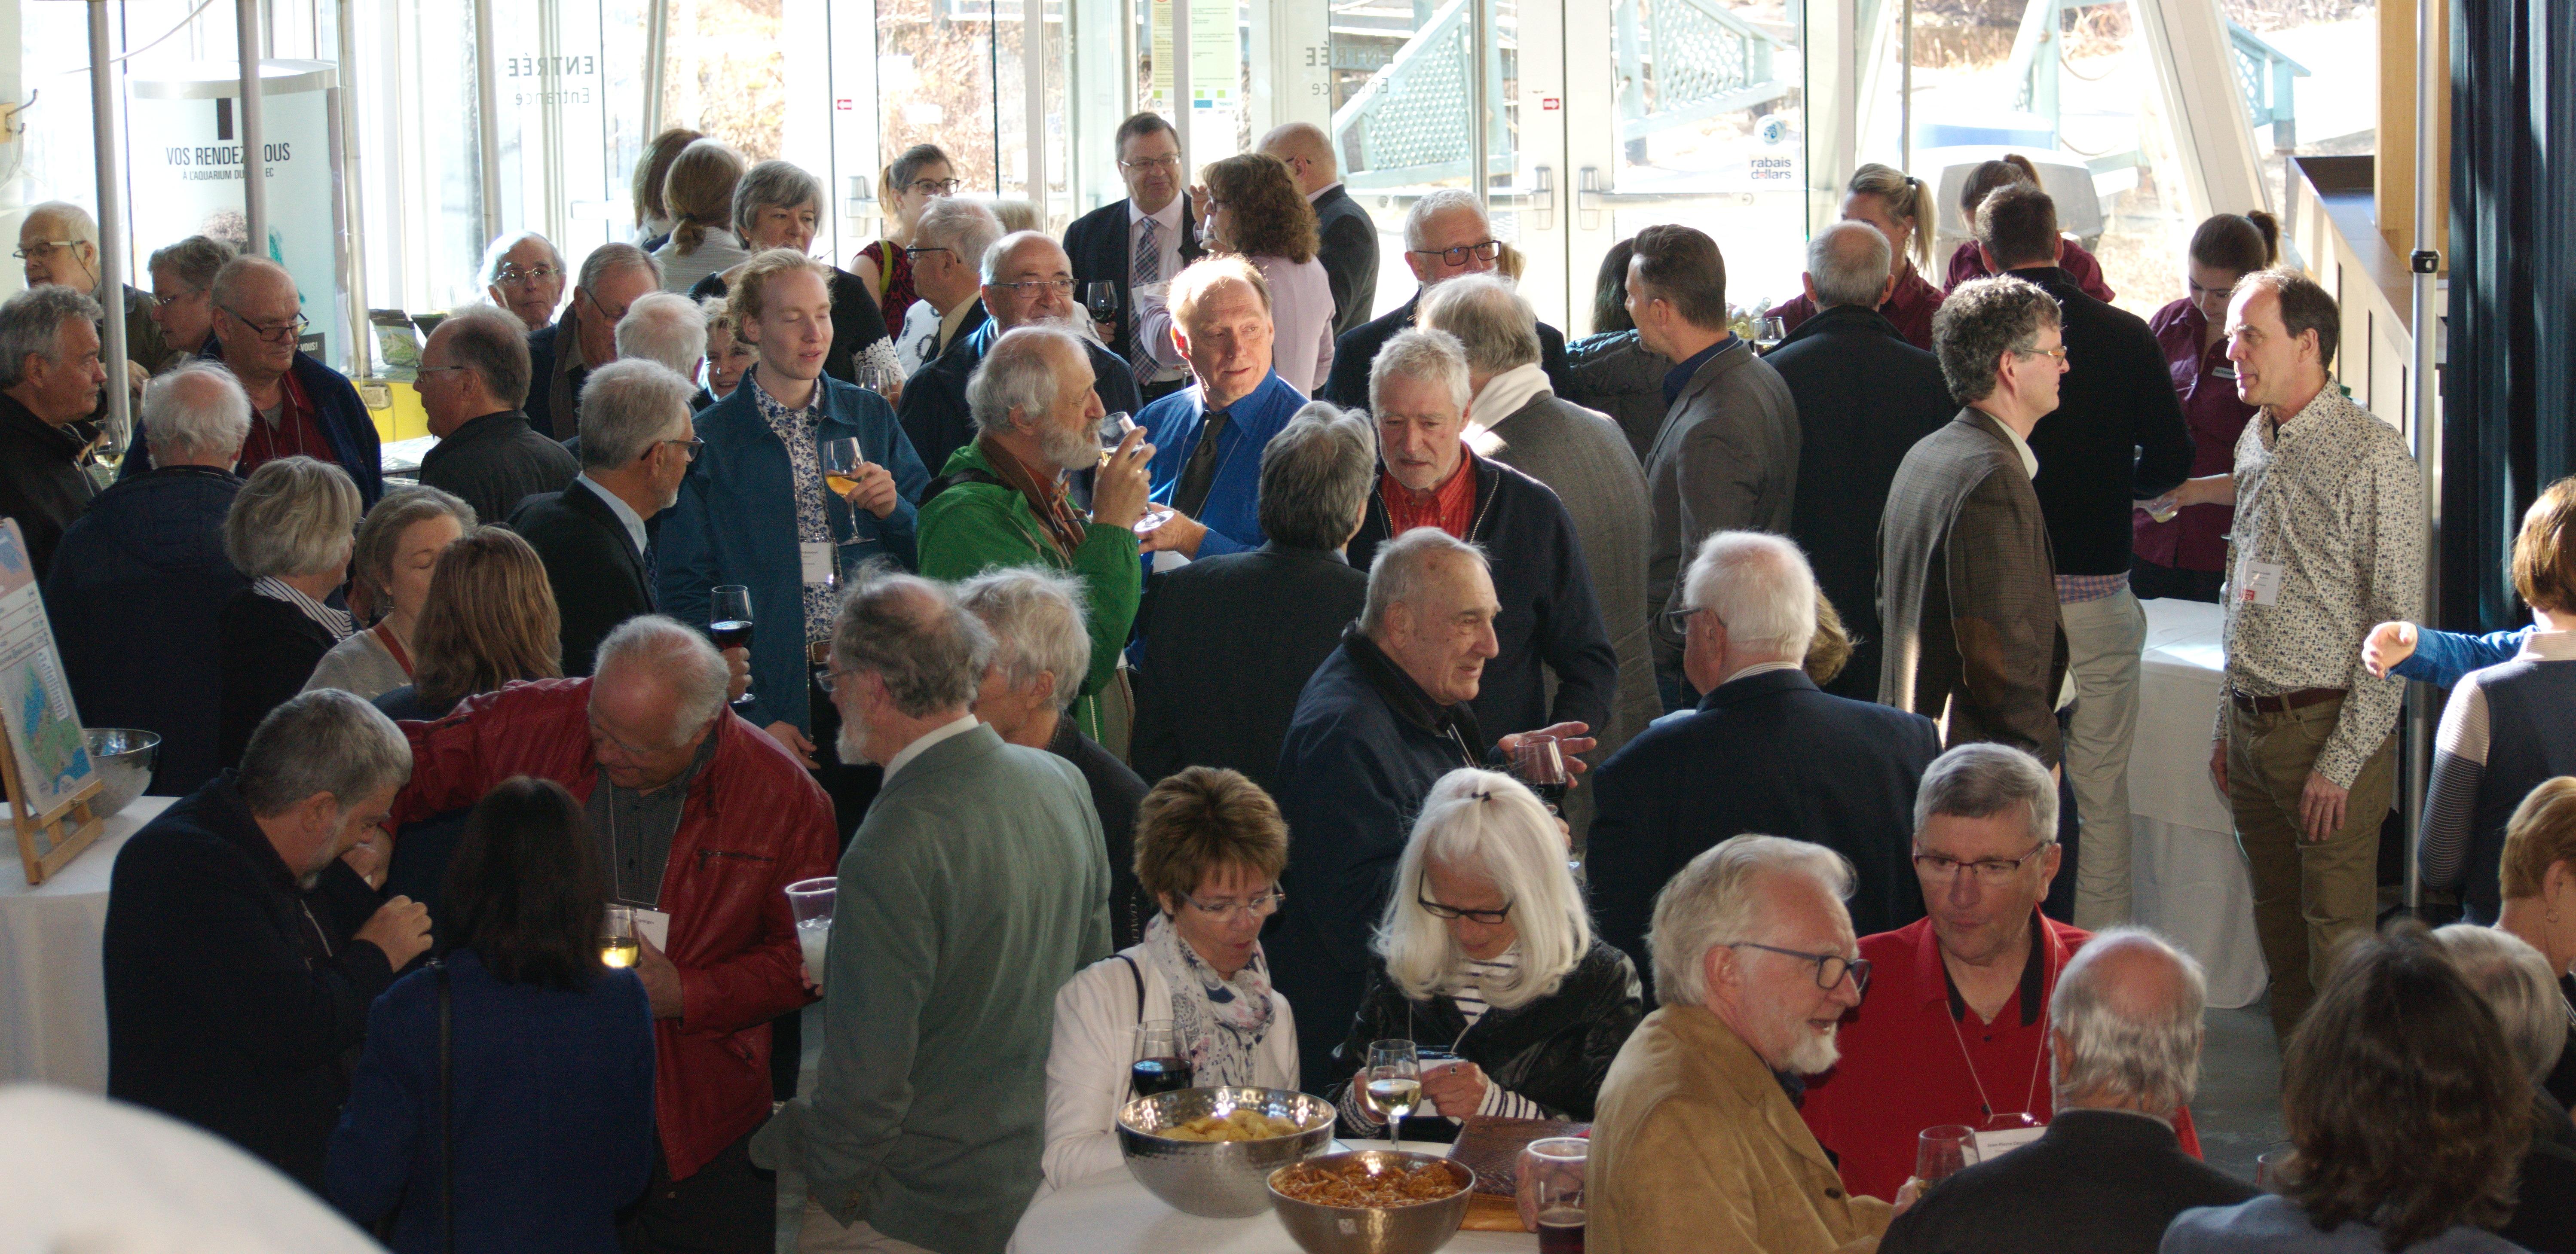 Plus de 150 convives ont participé à la cérémoinie d'ouverture des fêtes célébrant le centième anniversaire de la Société Provancher, à l'Aquarium du Québec, le 2 mai 2019. Photo : Nicole Bruneau.